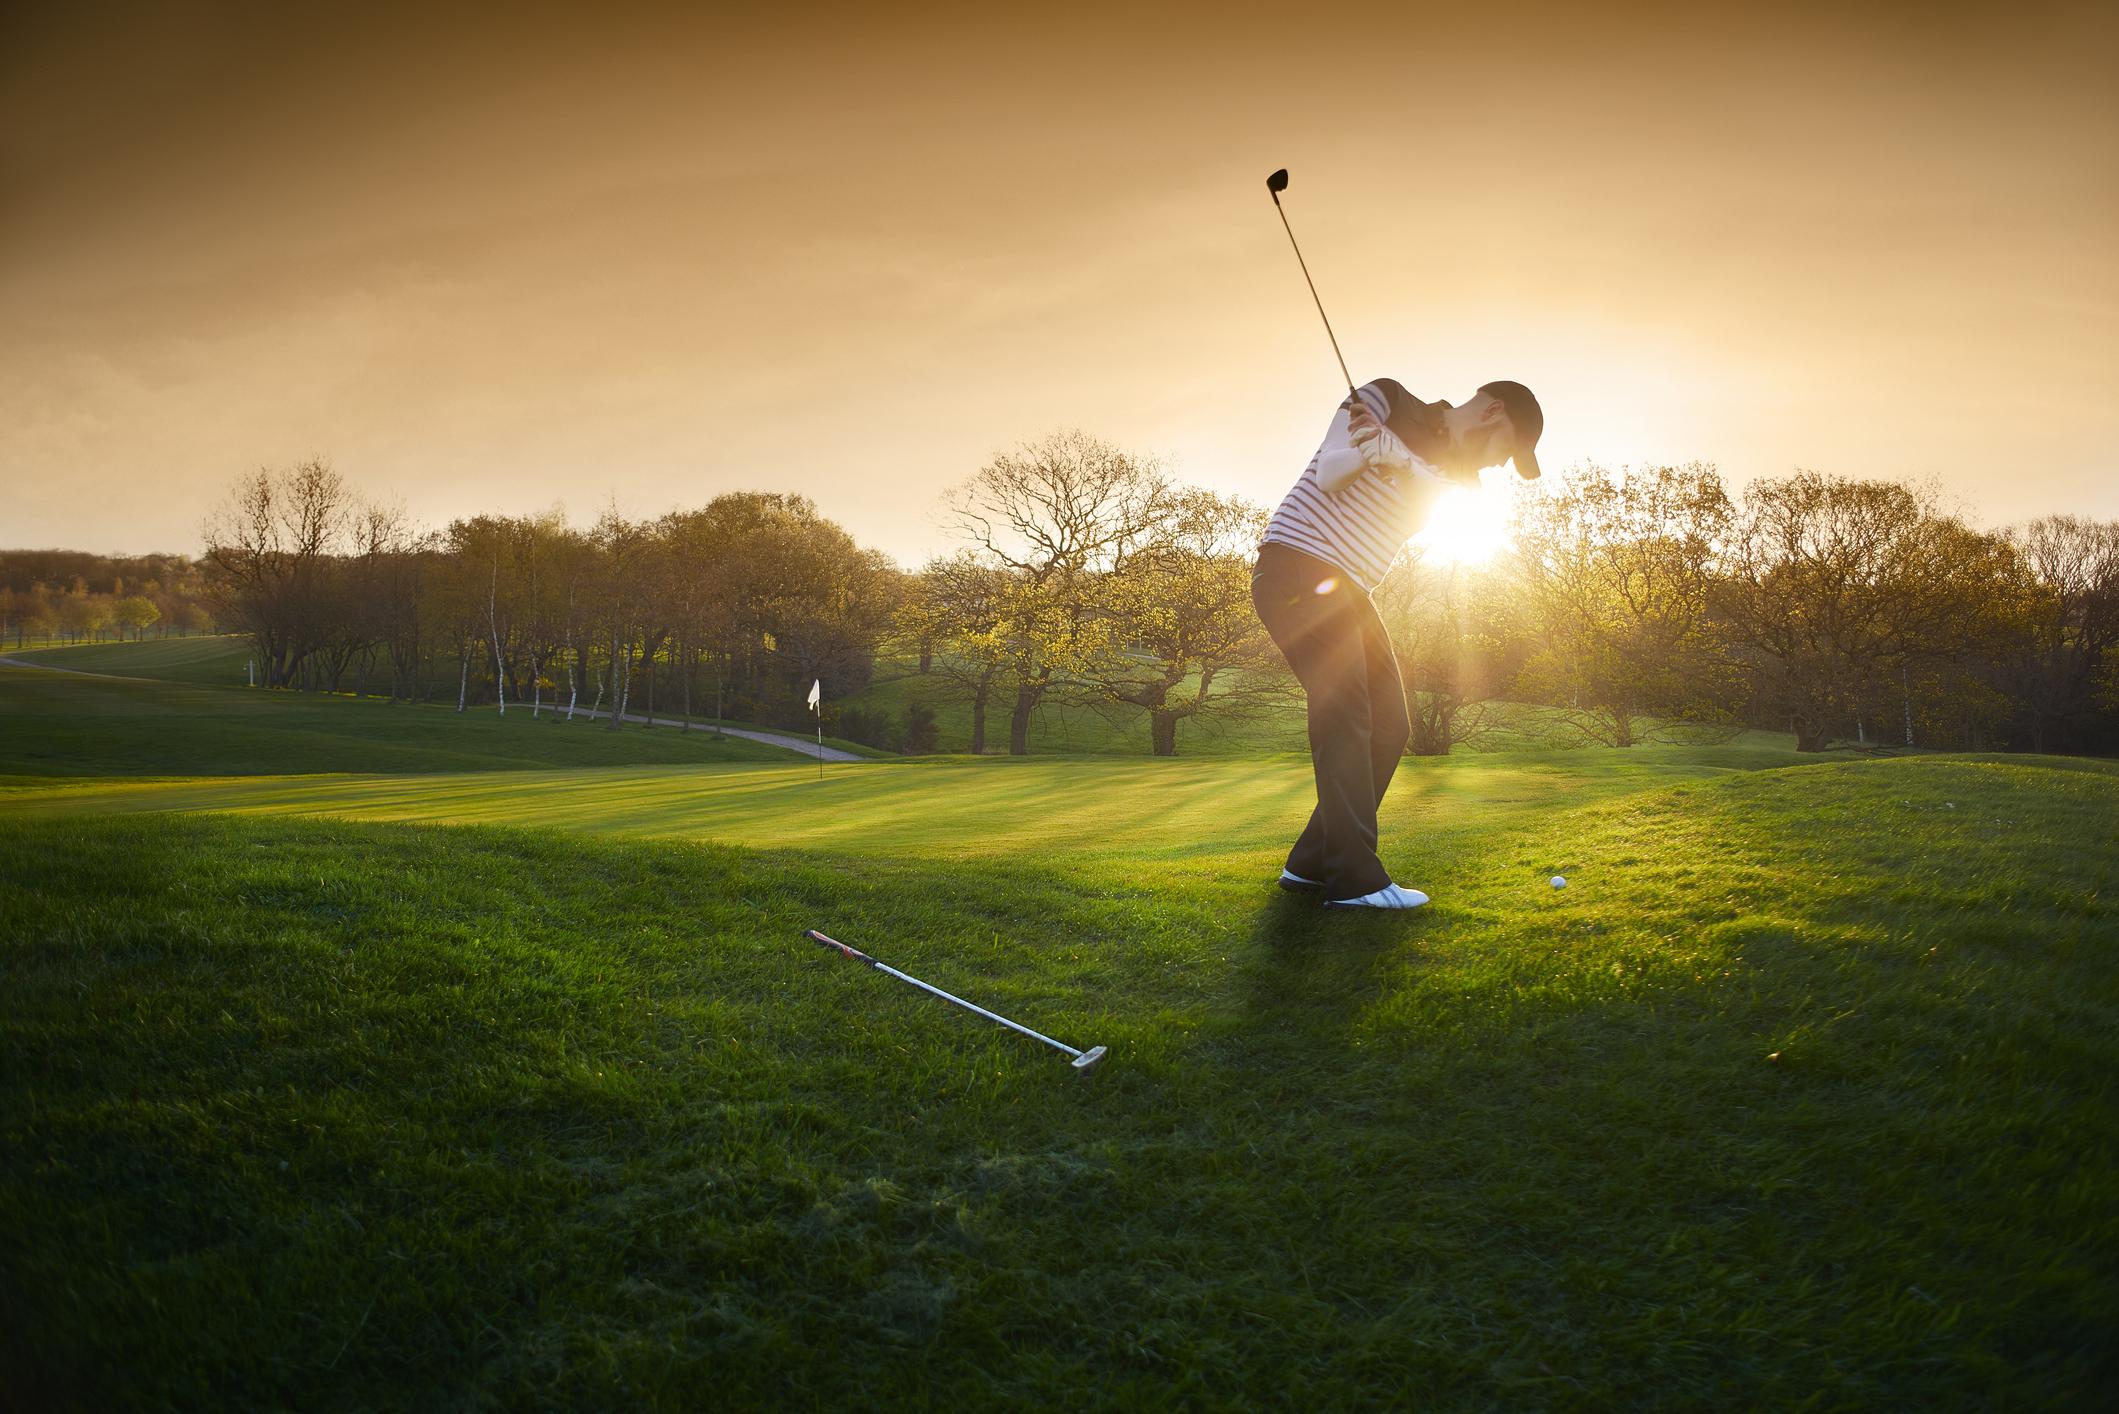 Golfer hits a shot at sunset